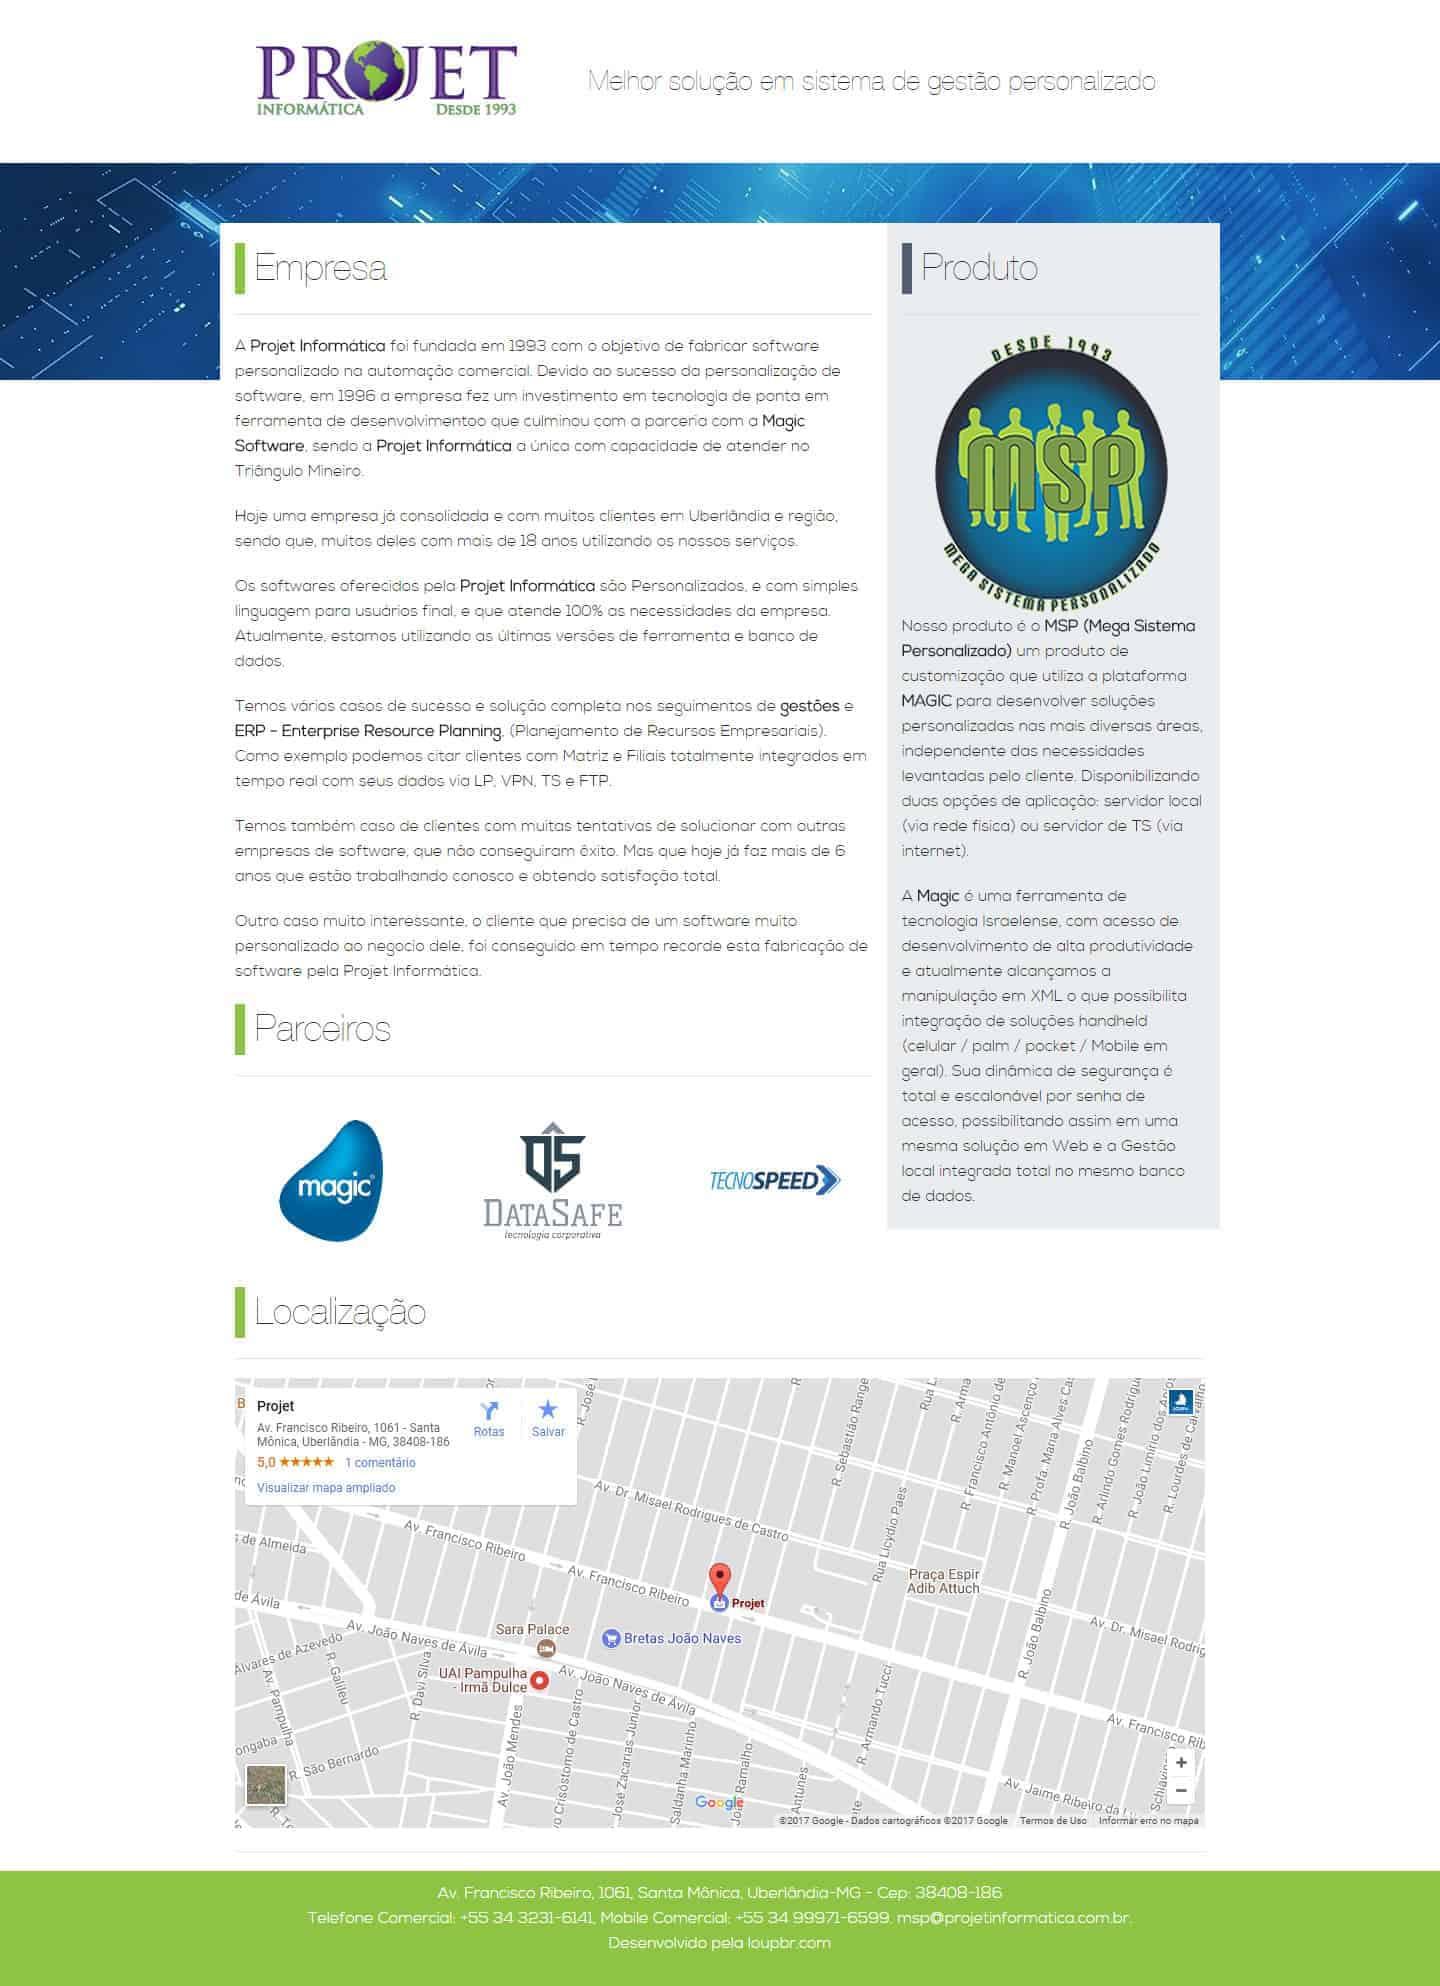 Página principal do site da Projet Informática.